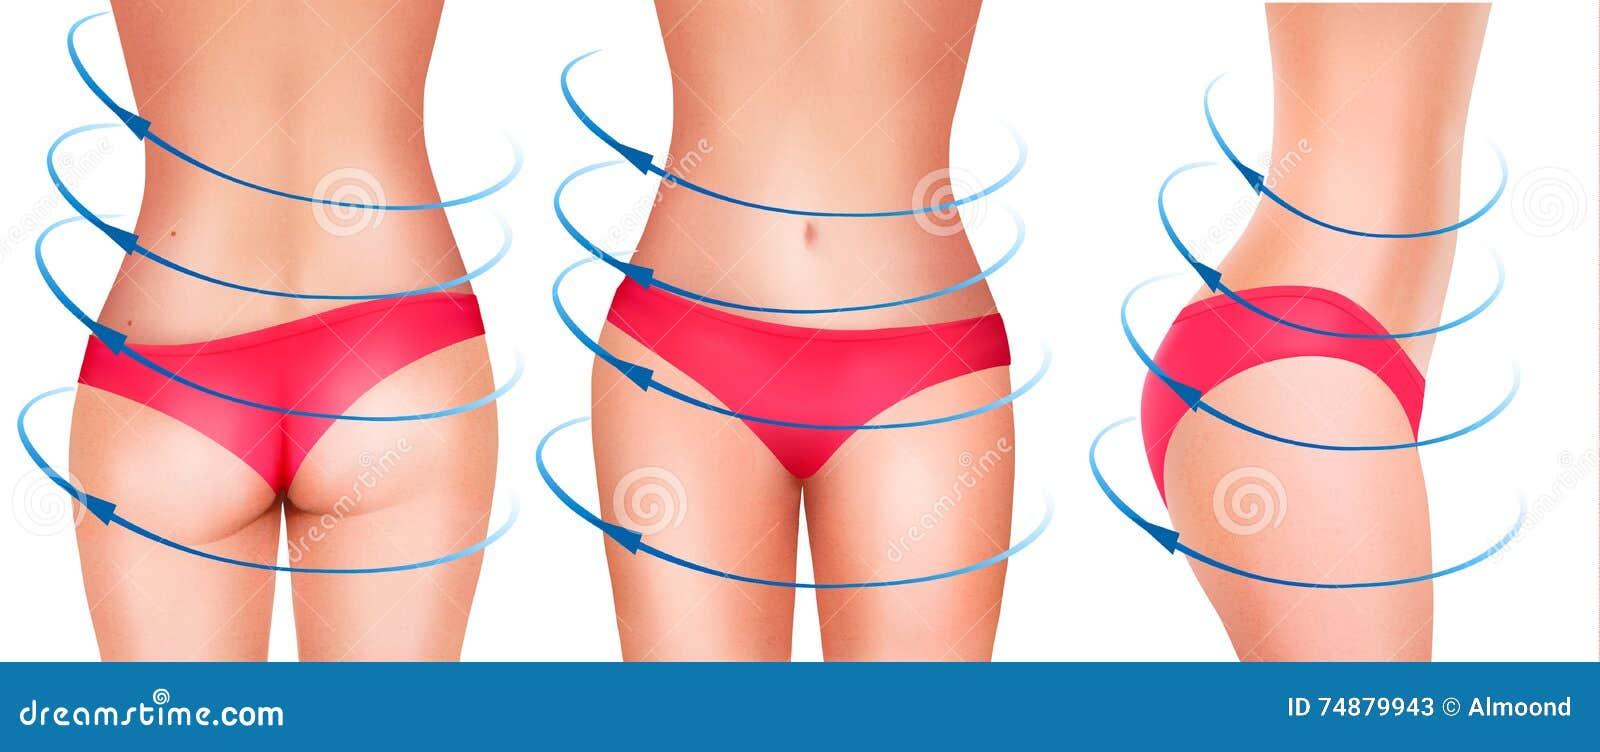 Geeigneter weiblicher Körper in der Unterwäsche